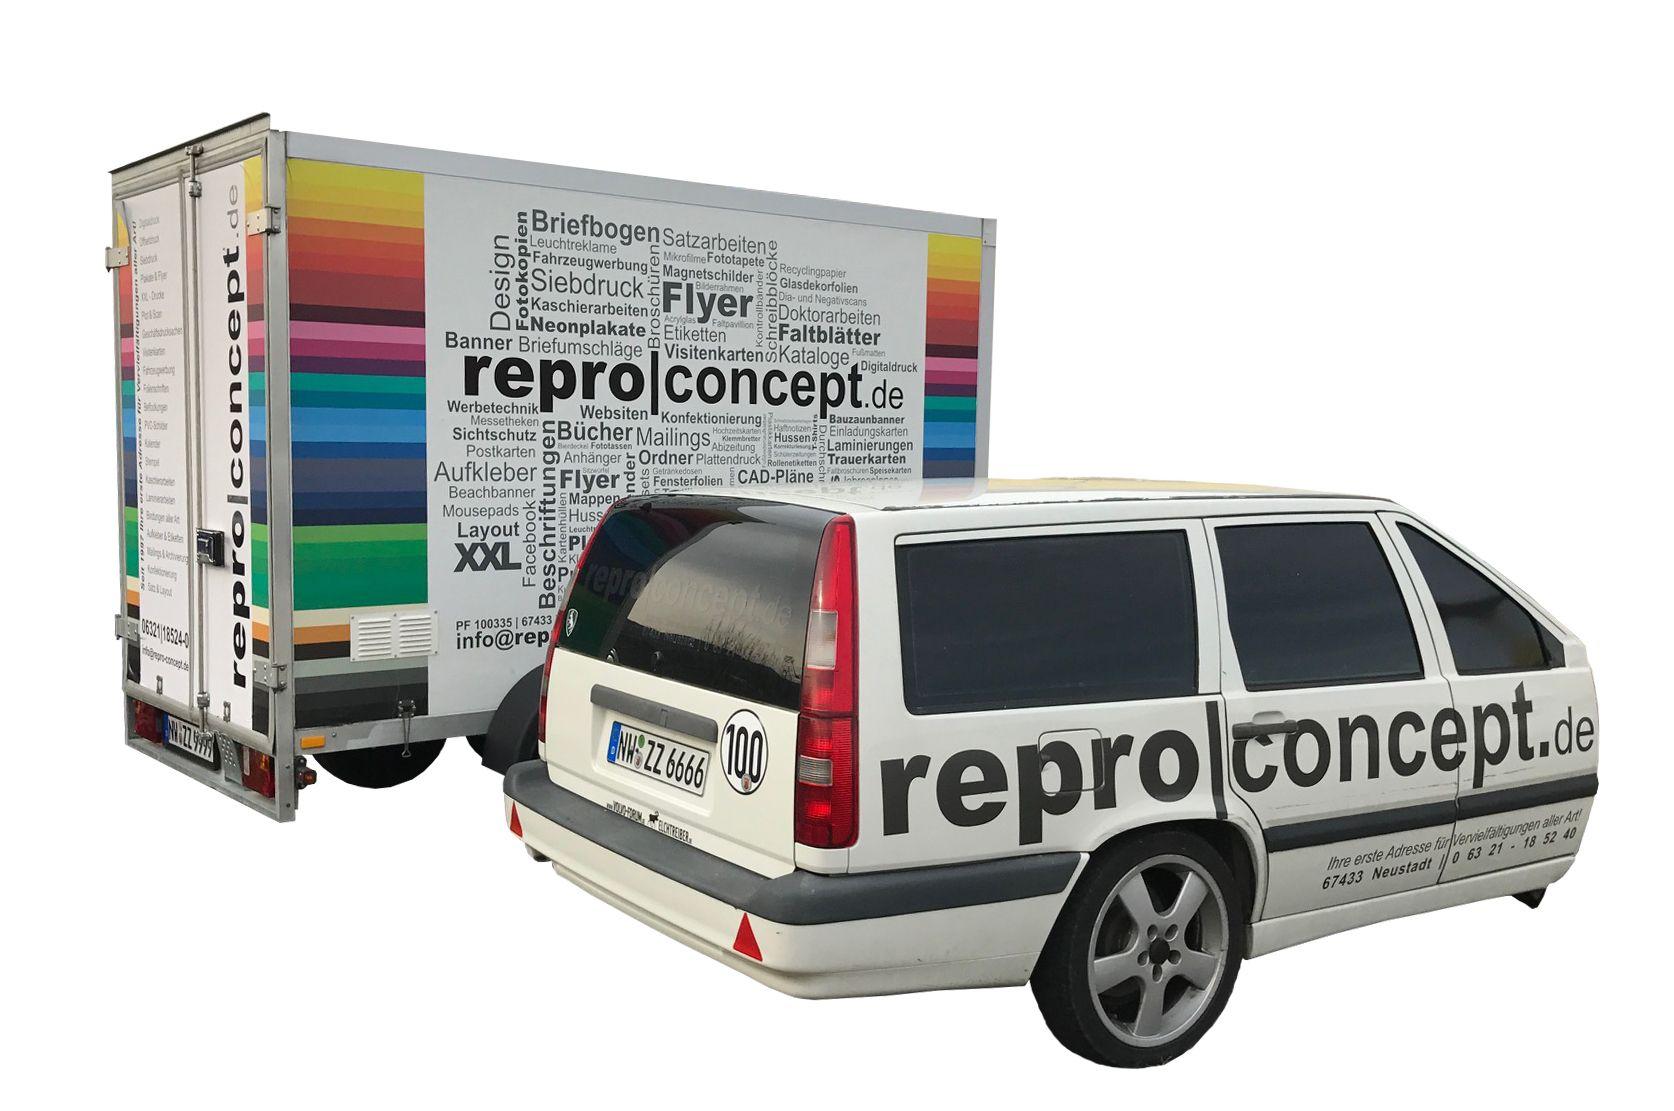 repro|concept.de - Beklebung